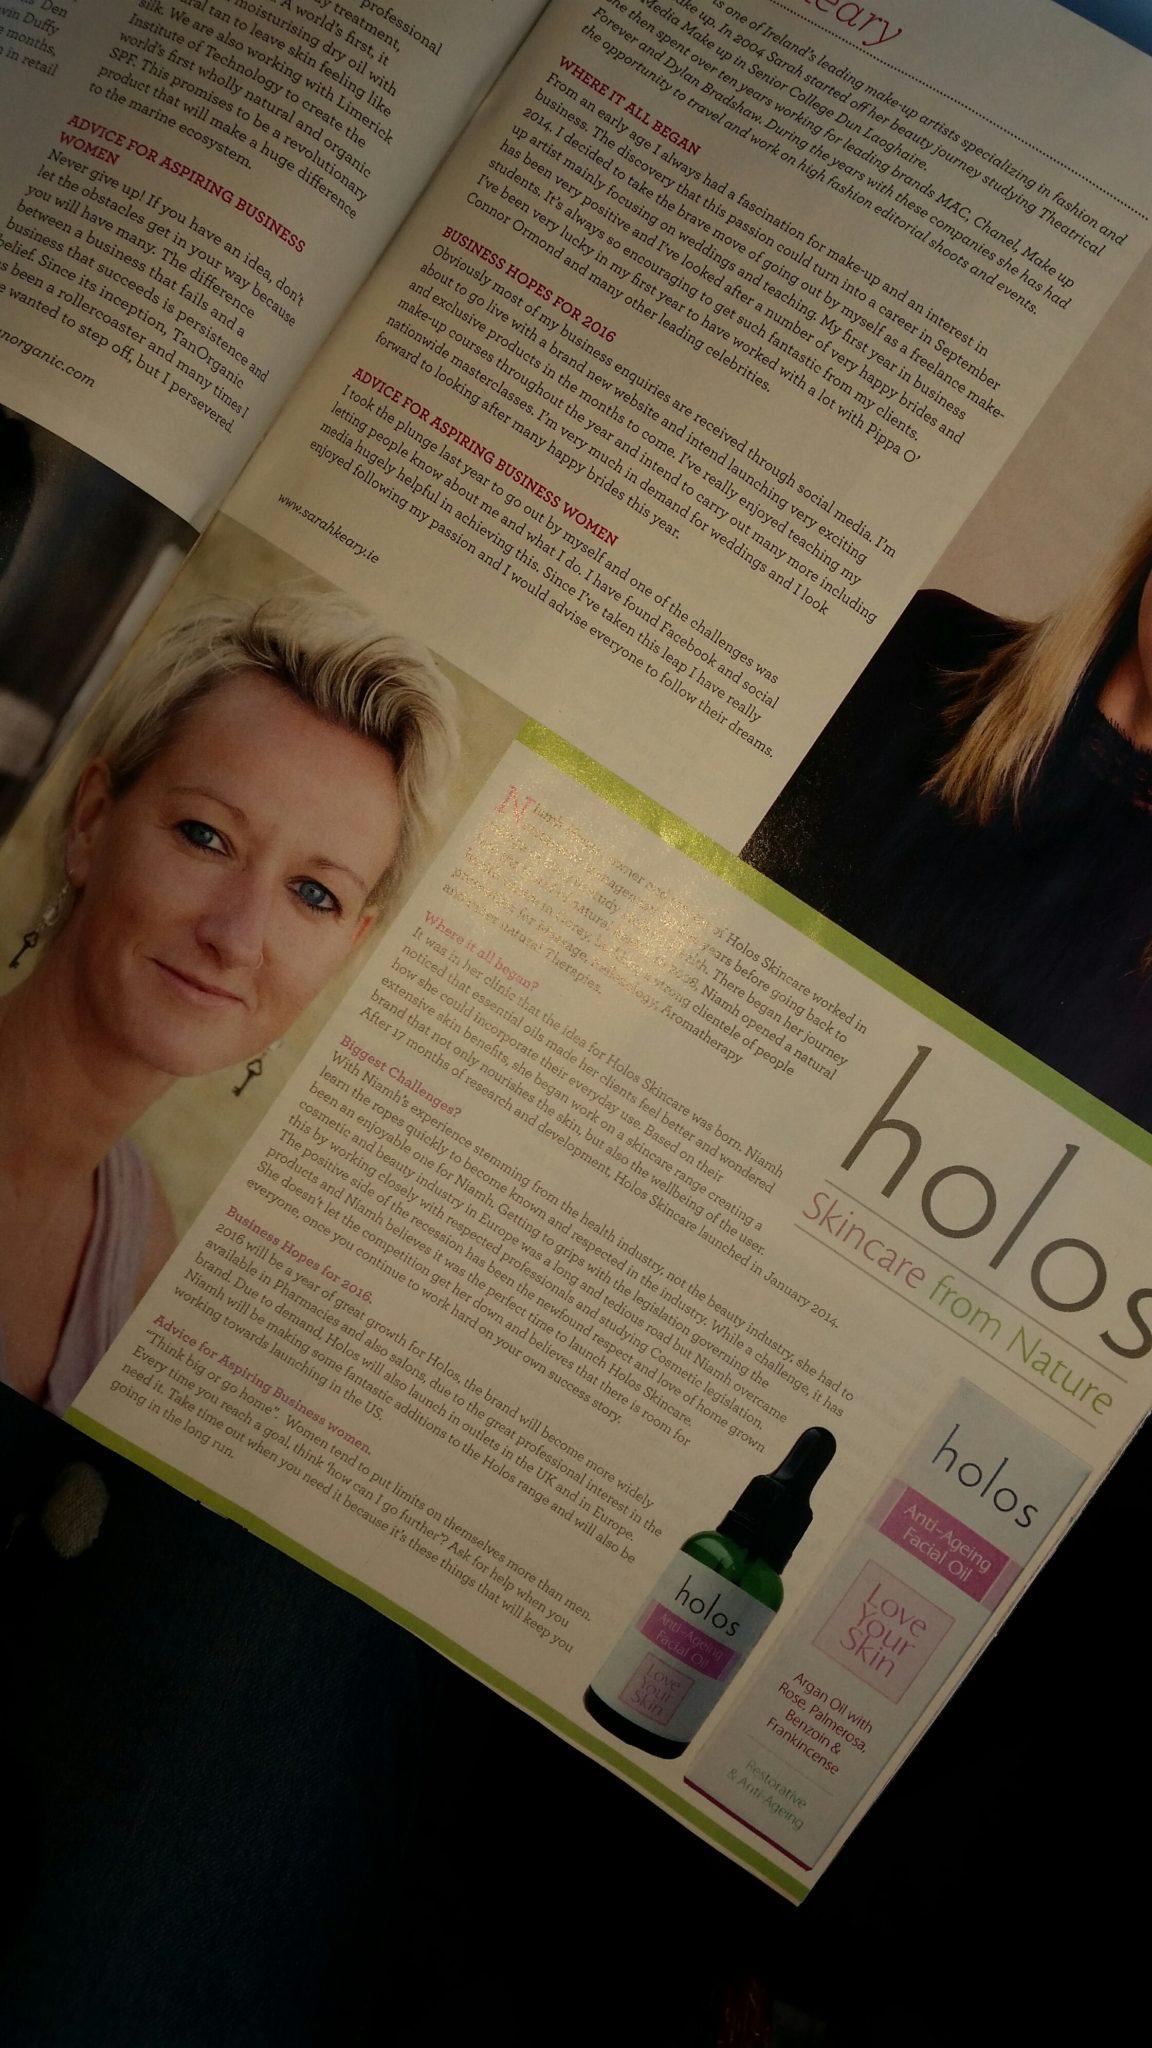 Rsvp magazine ireland online dating 1